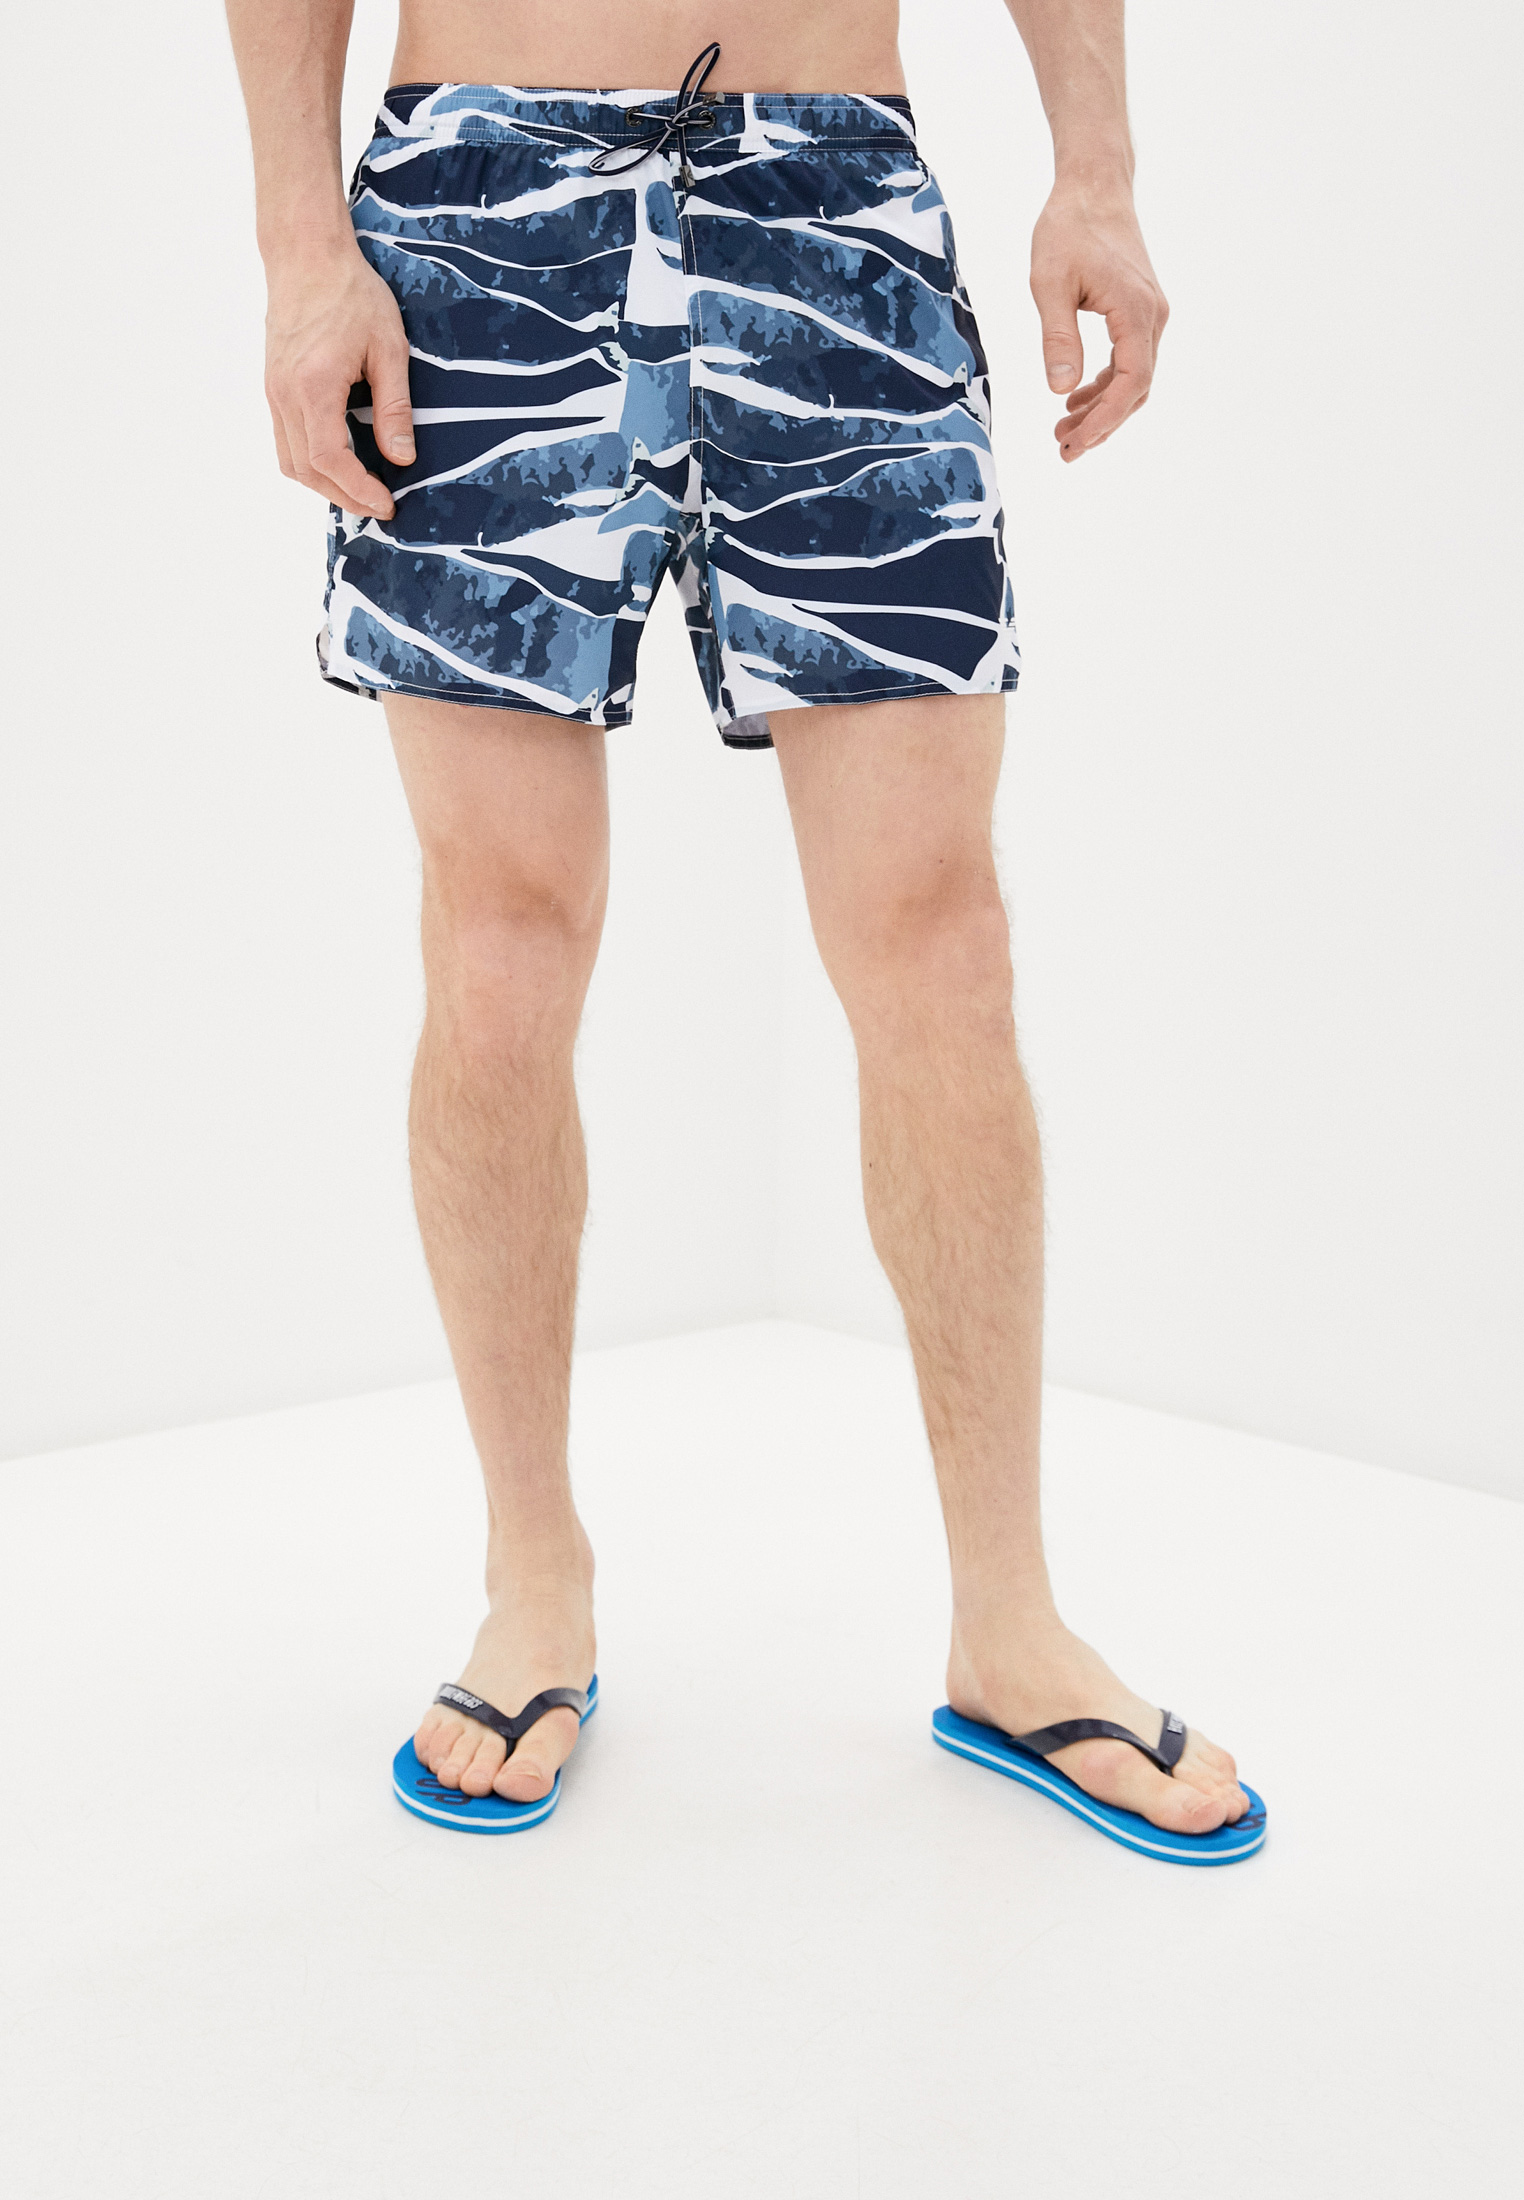 Мужские шорты для плавания Emporio Armani 211740 0p440